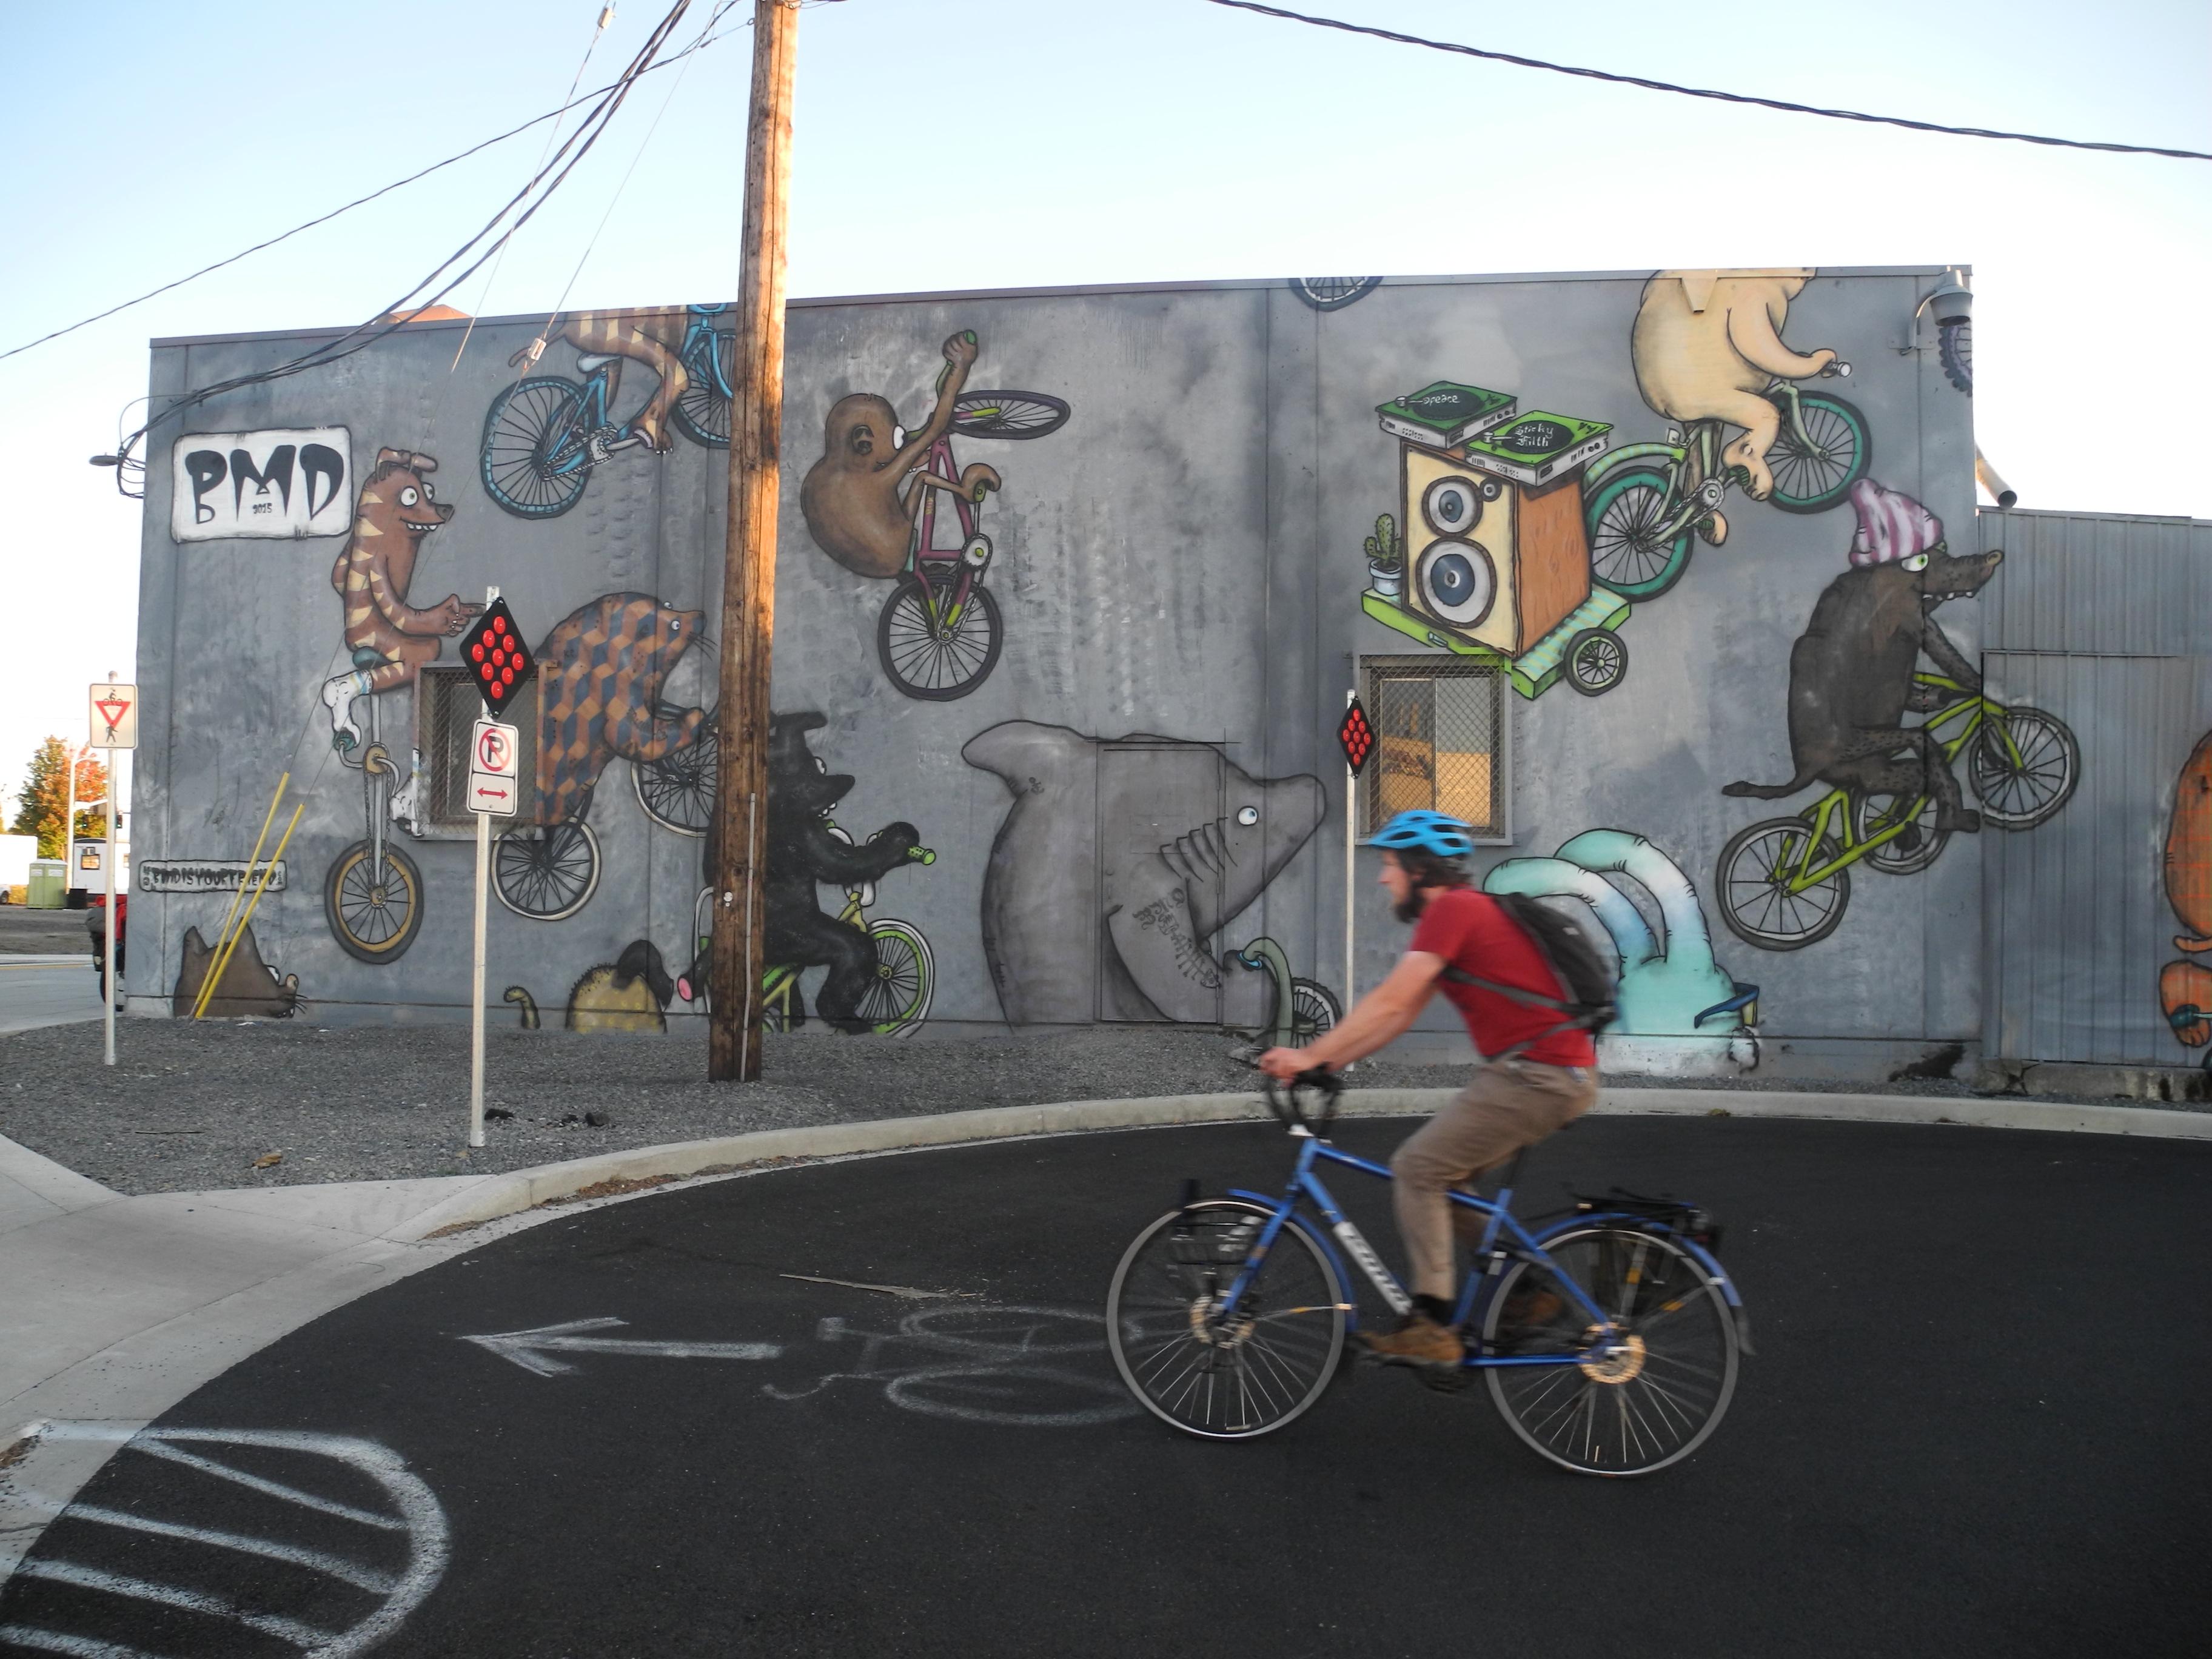 finde Mitbewohner Portland